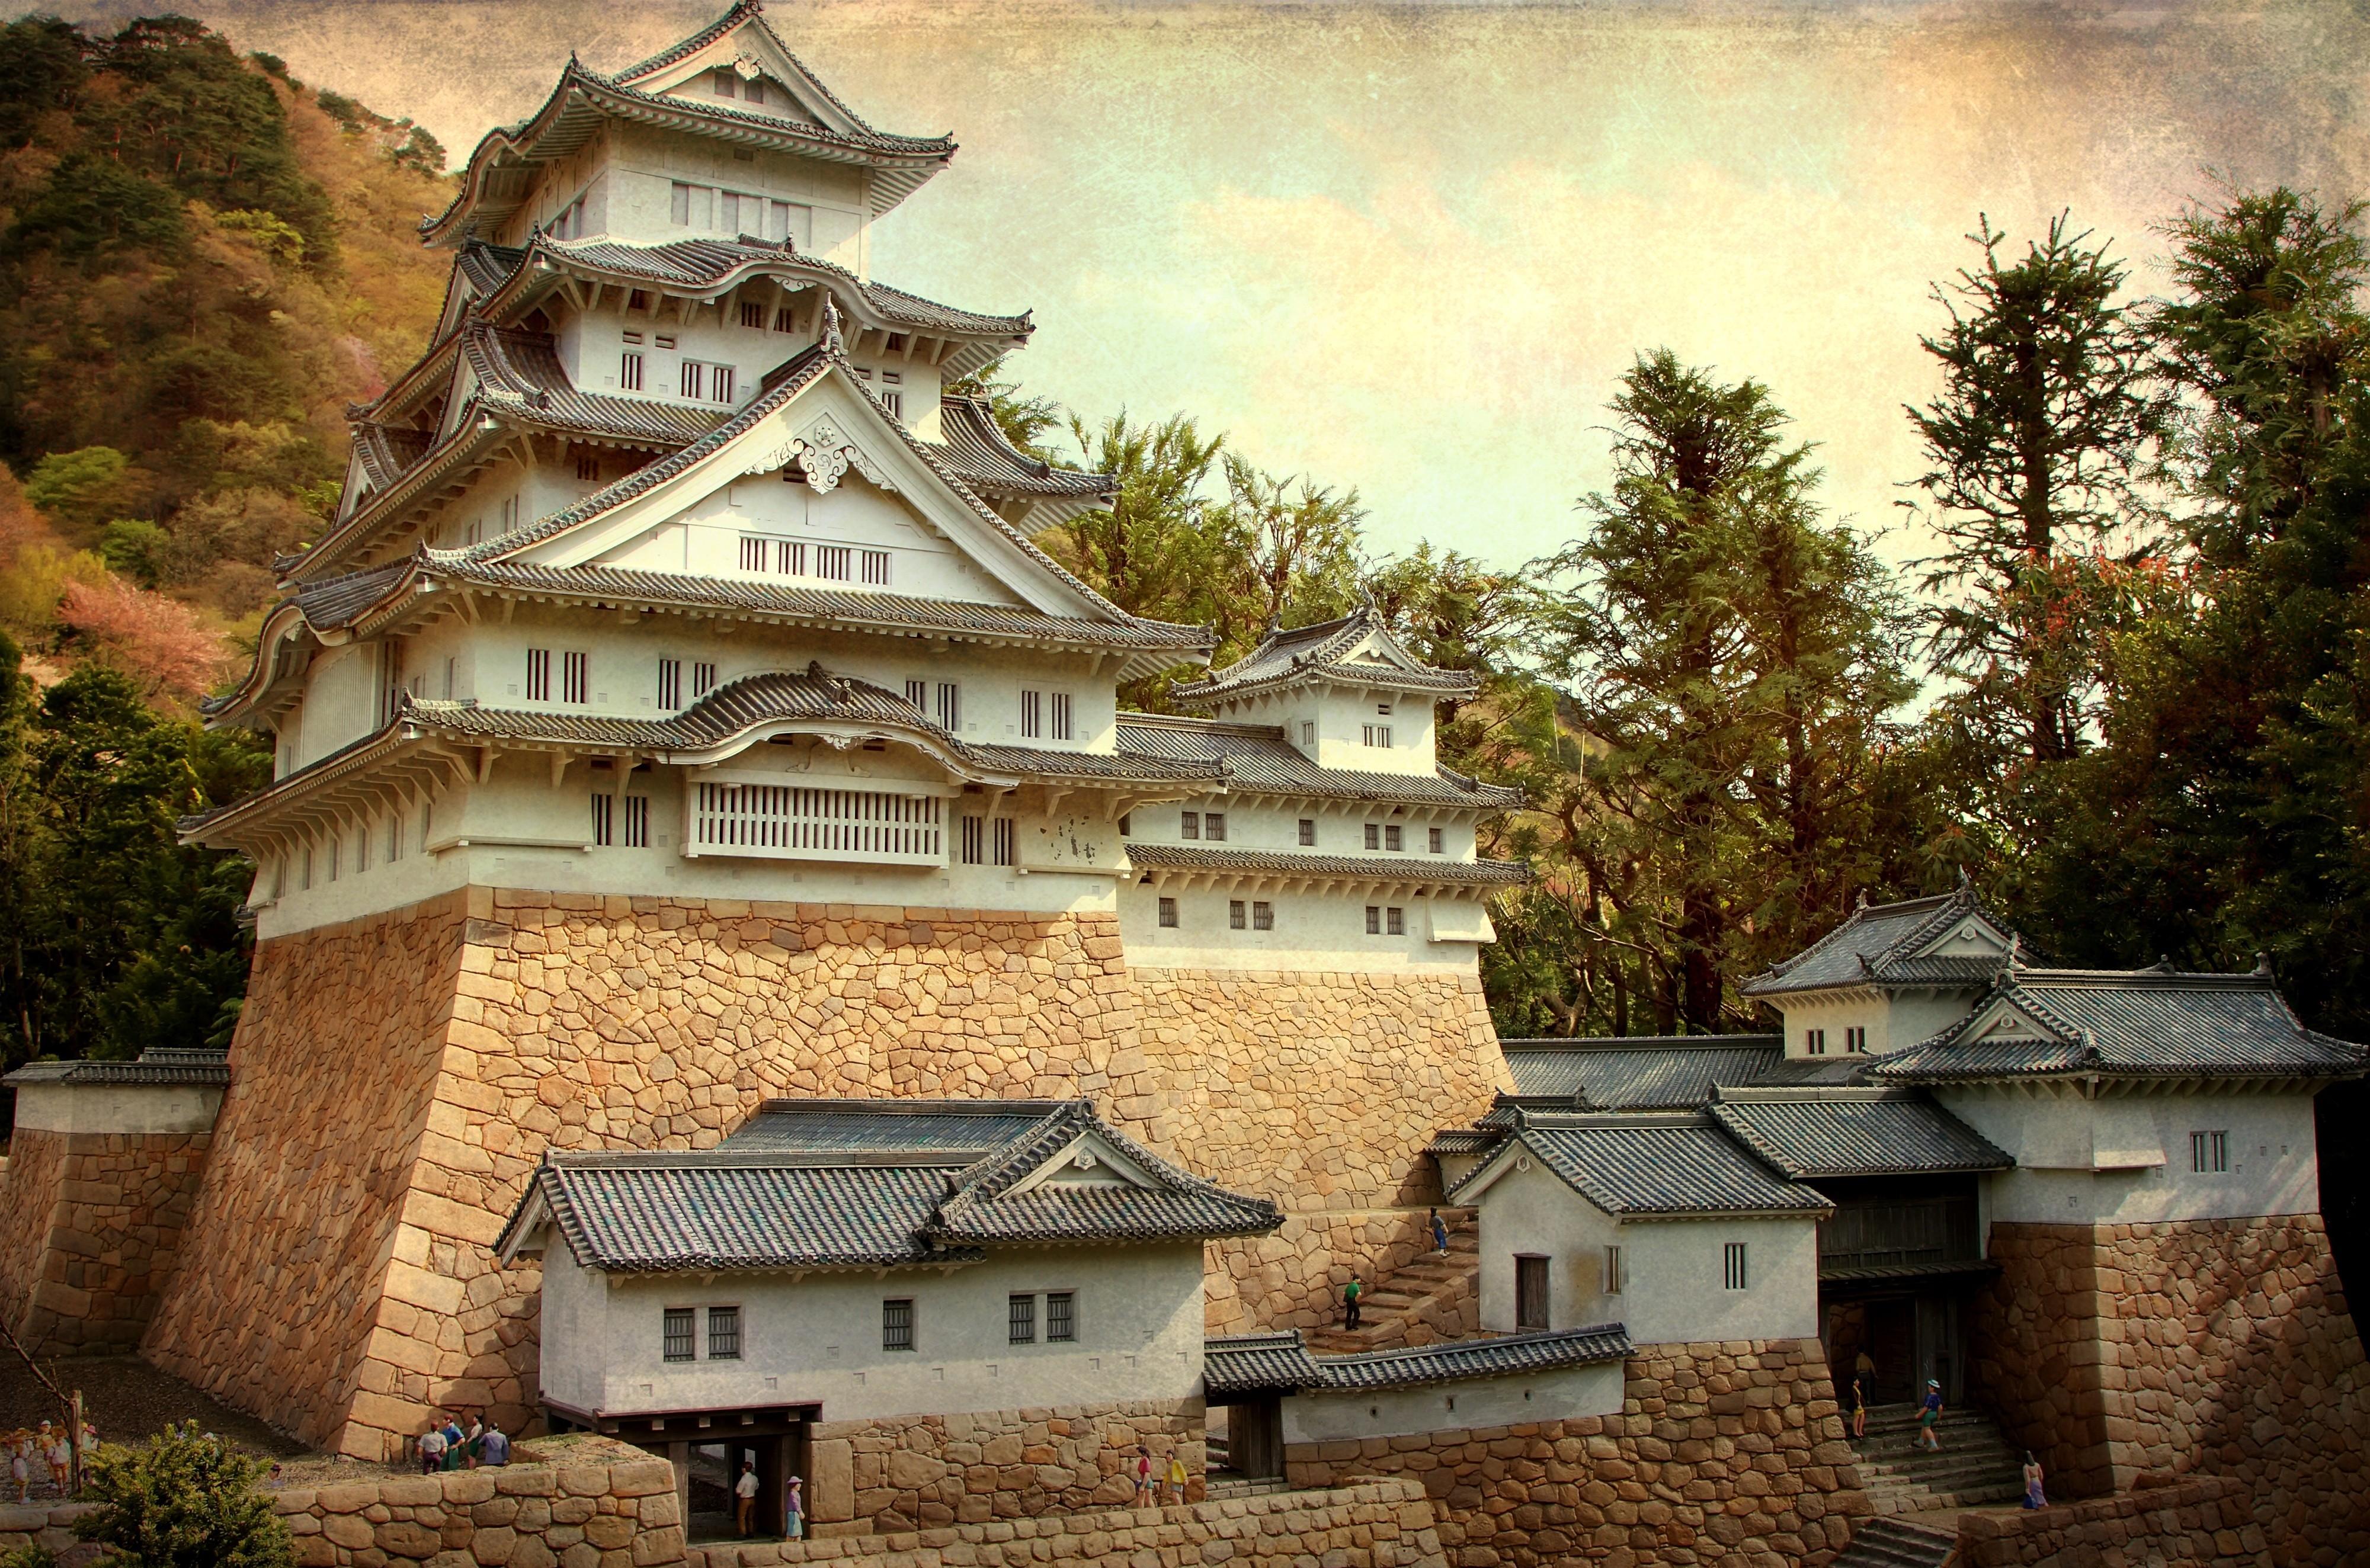 Japan Wallpaper Hd Iphone Himeji Castle The White Egret Castle 4k Ultra Hd